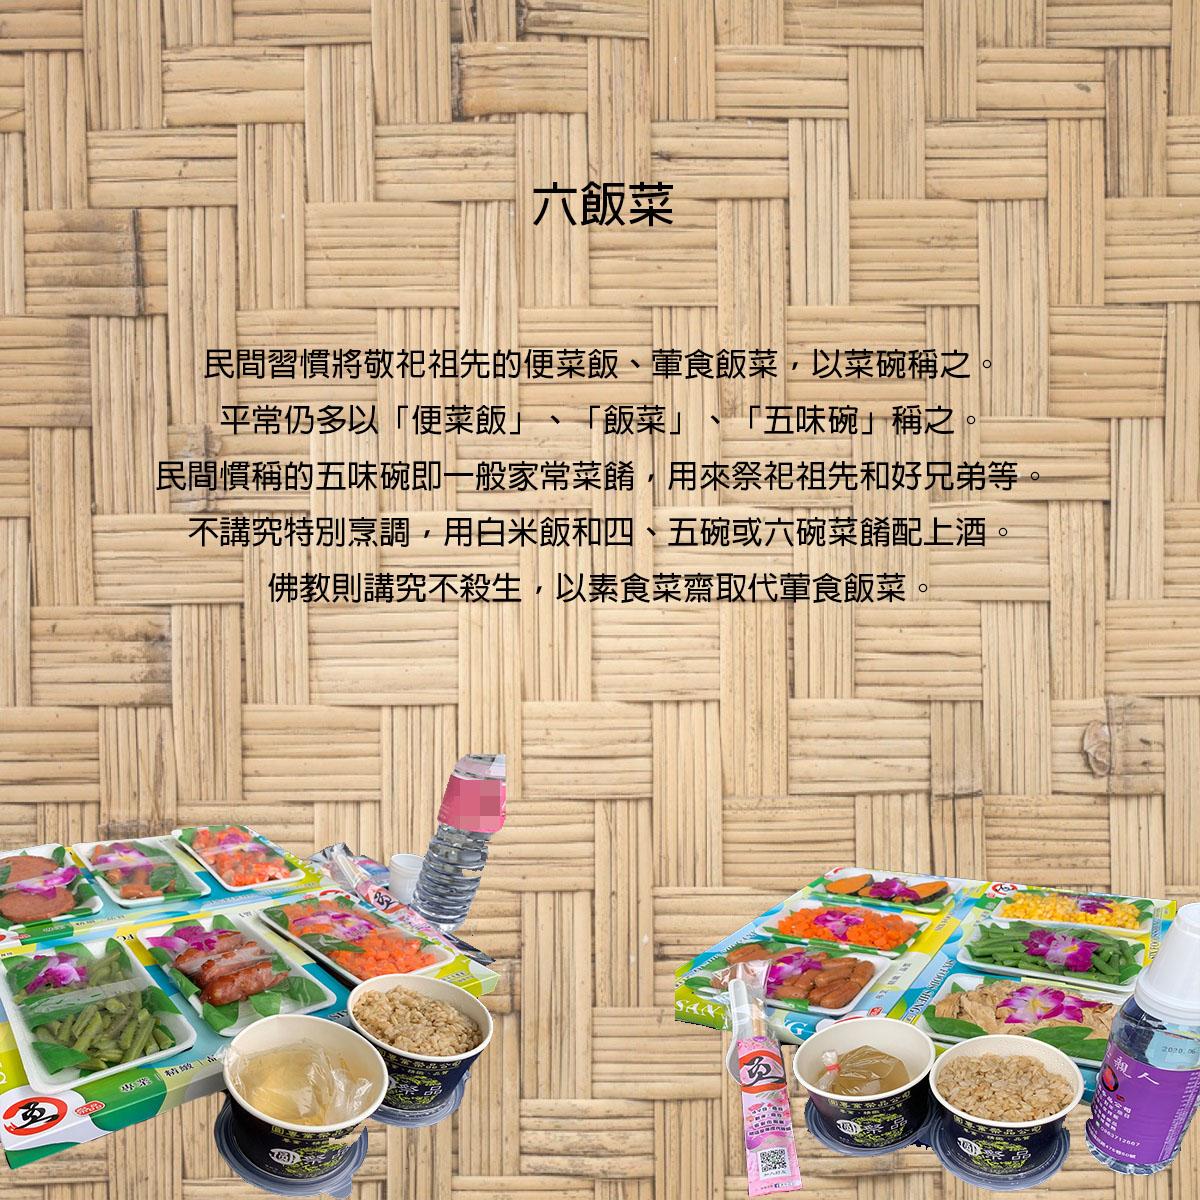 法事祭品-頭七飽福葷六飯菜全組含湯圓水桶